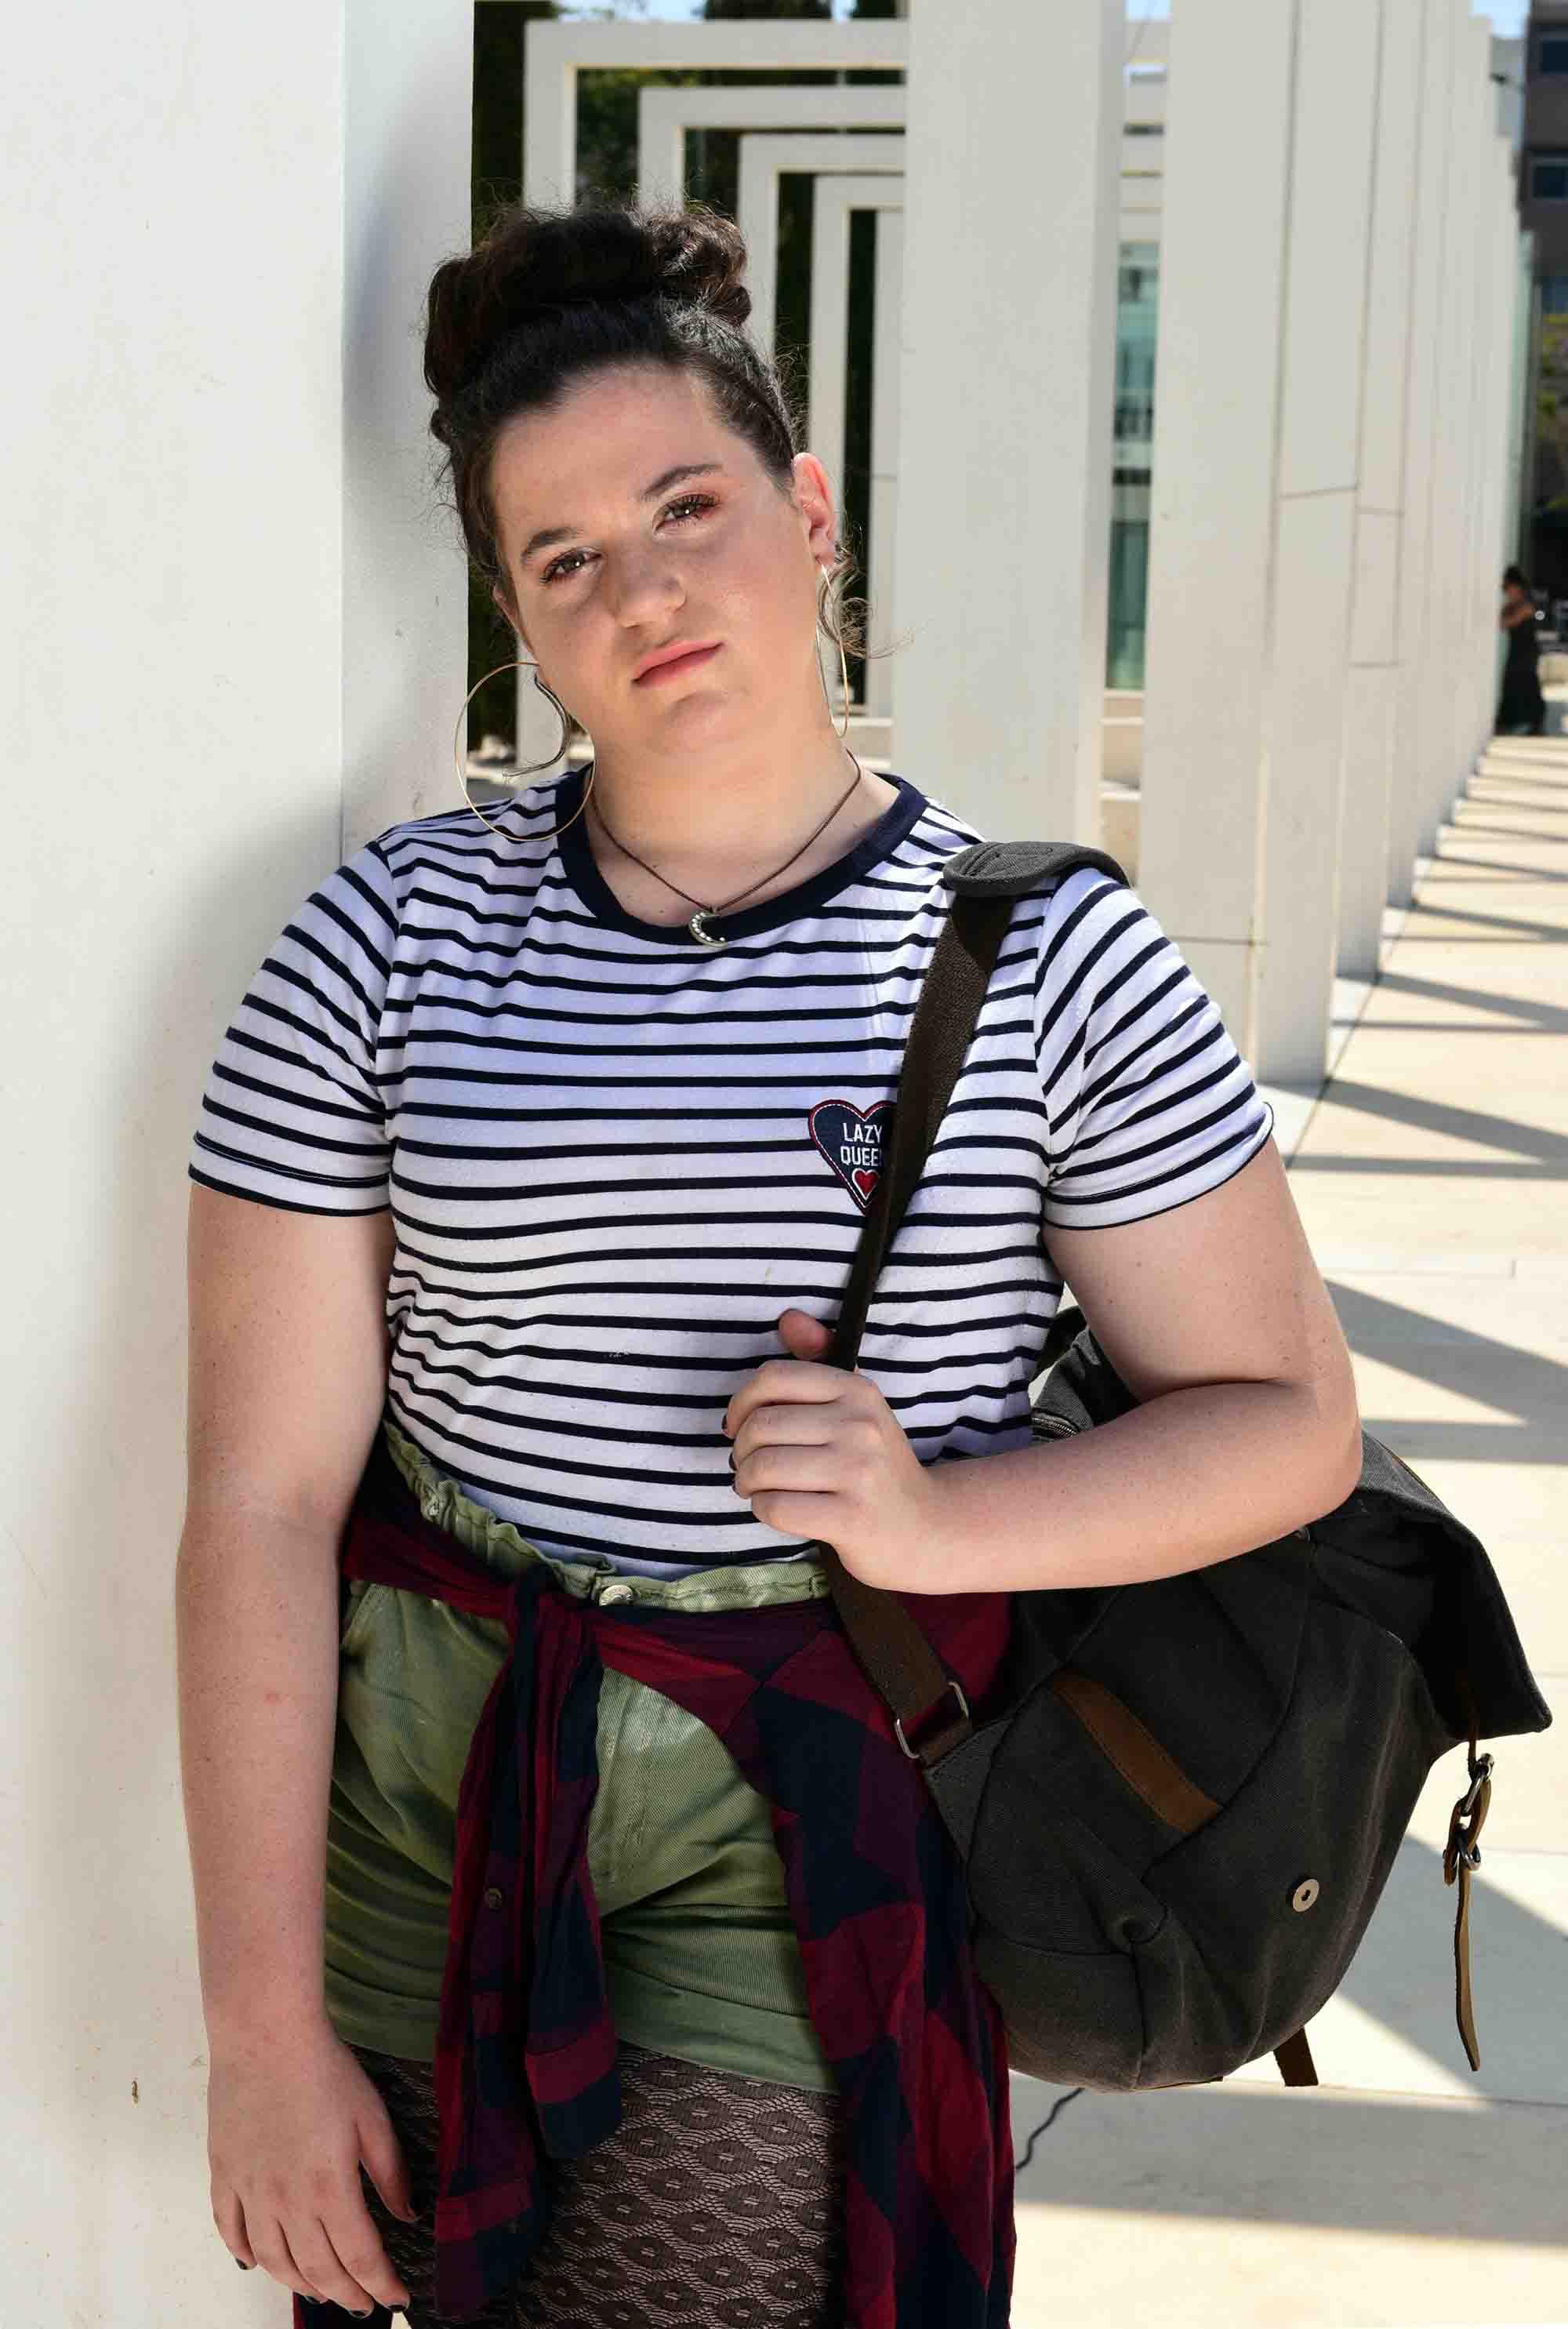 תמרה גראוס - - Fashion Israel - 2020 חדשות אופנה 2020, כתבות אופנה 2020, טרנדים 2020, מגזין אופנה ישראלי, אופנה - 5